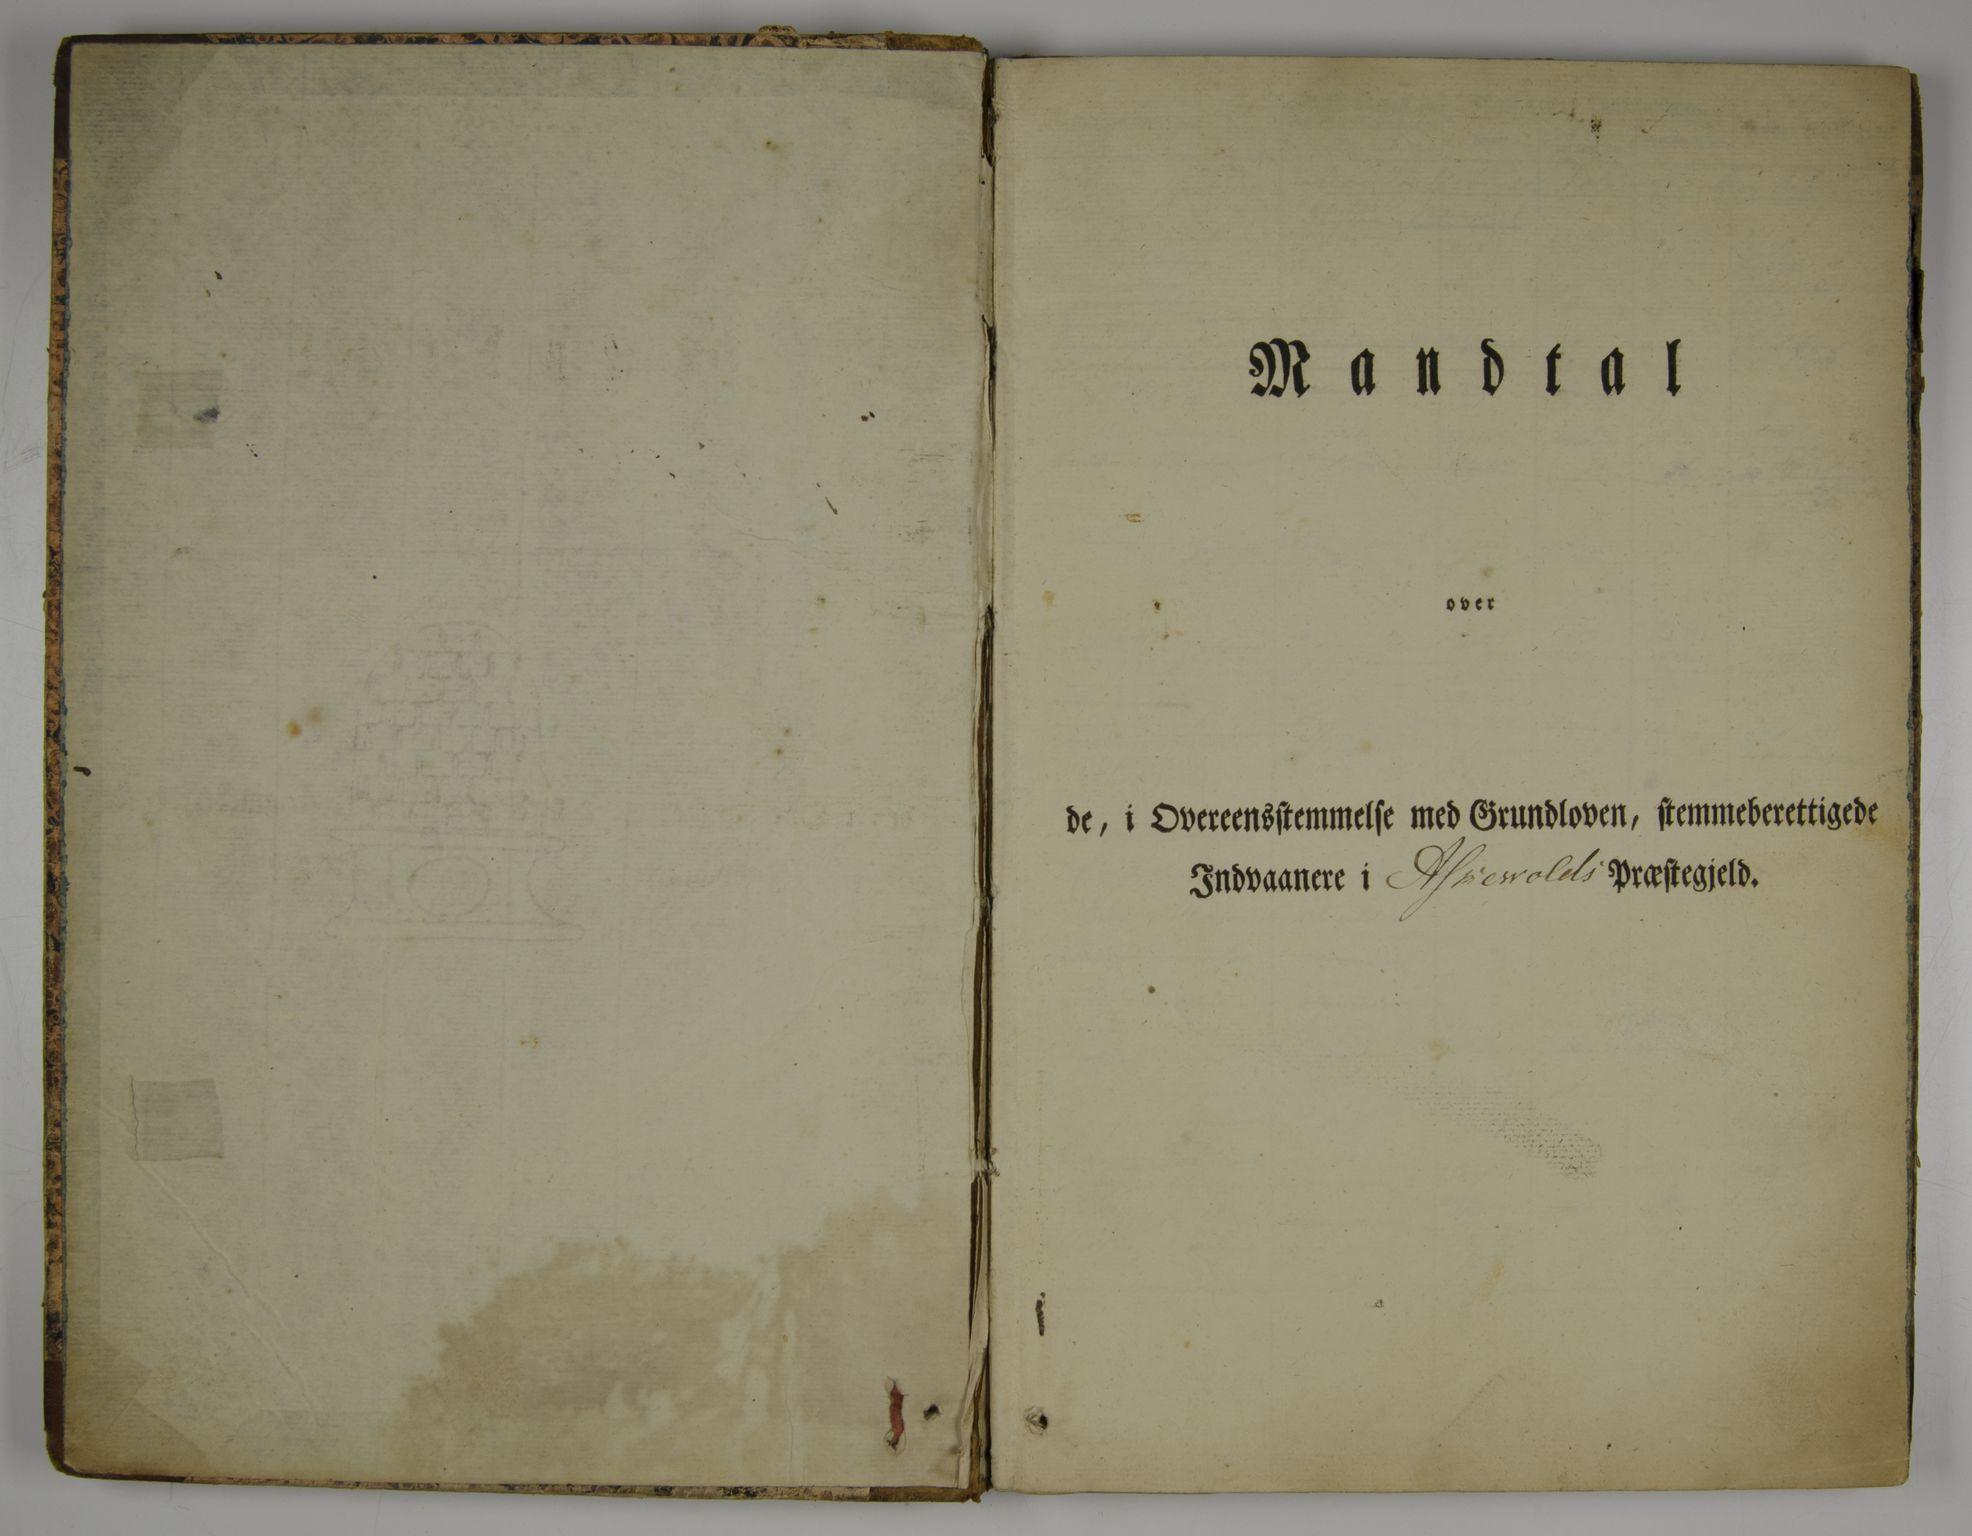 SAB, Lensmannen i Askvoll, 0004/L0001: Manntalsprotokoll, 1829-1897